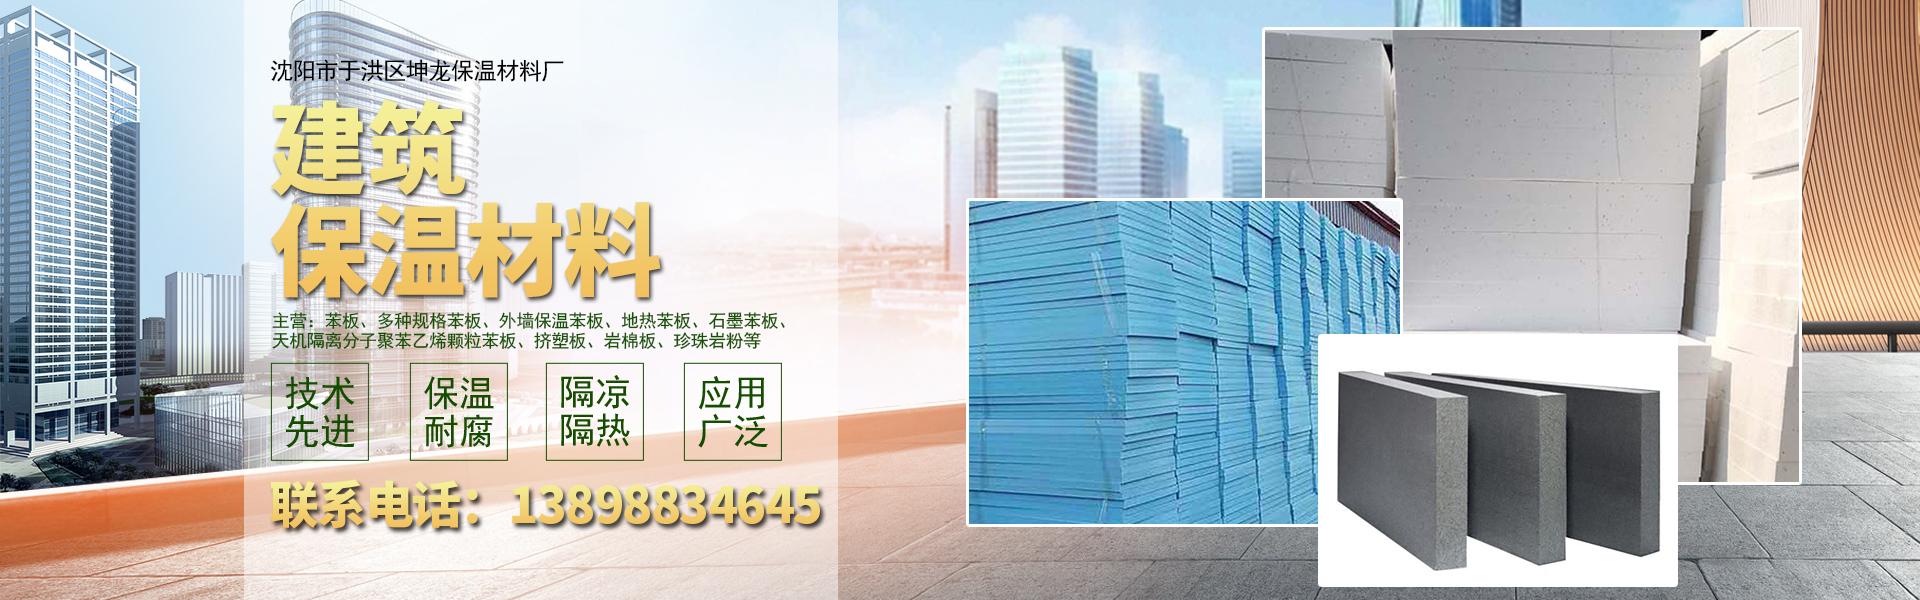 沈阳外墙保温苯板,沈阳苯板,沈阳聚合聚苯板,沈阳地热苯板,沈阳石墨苯板